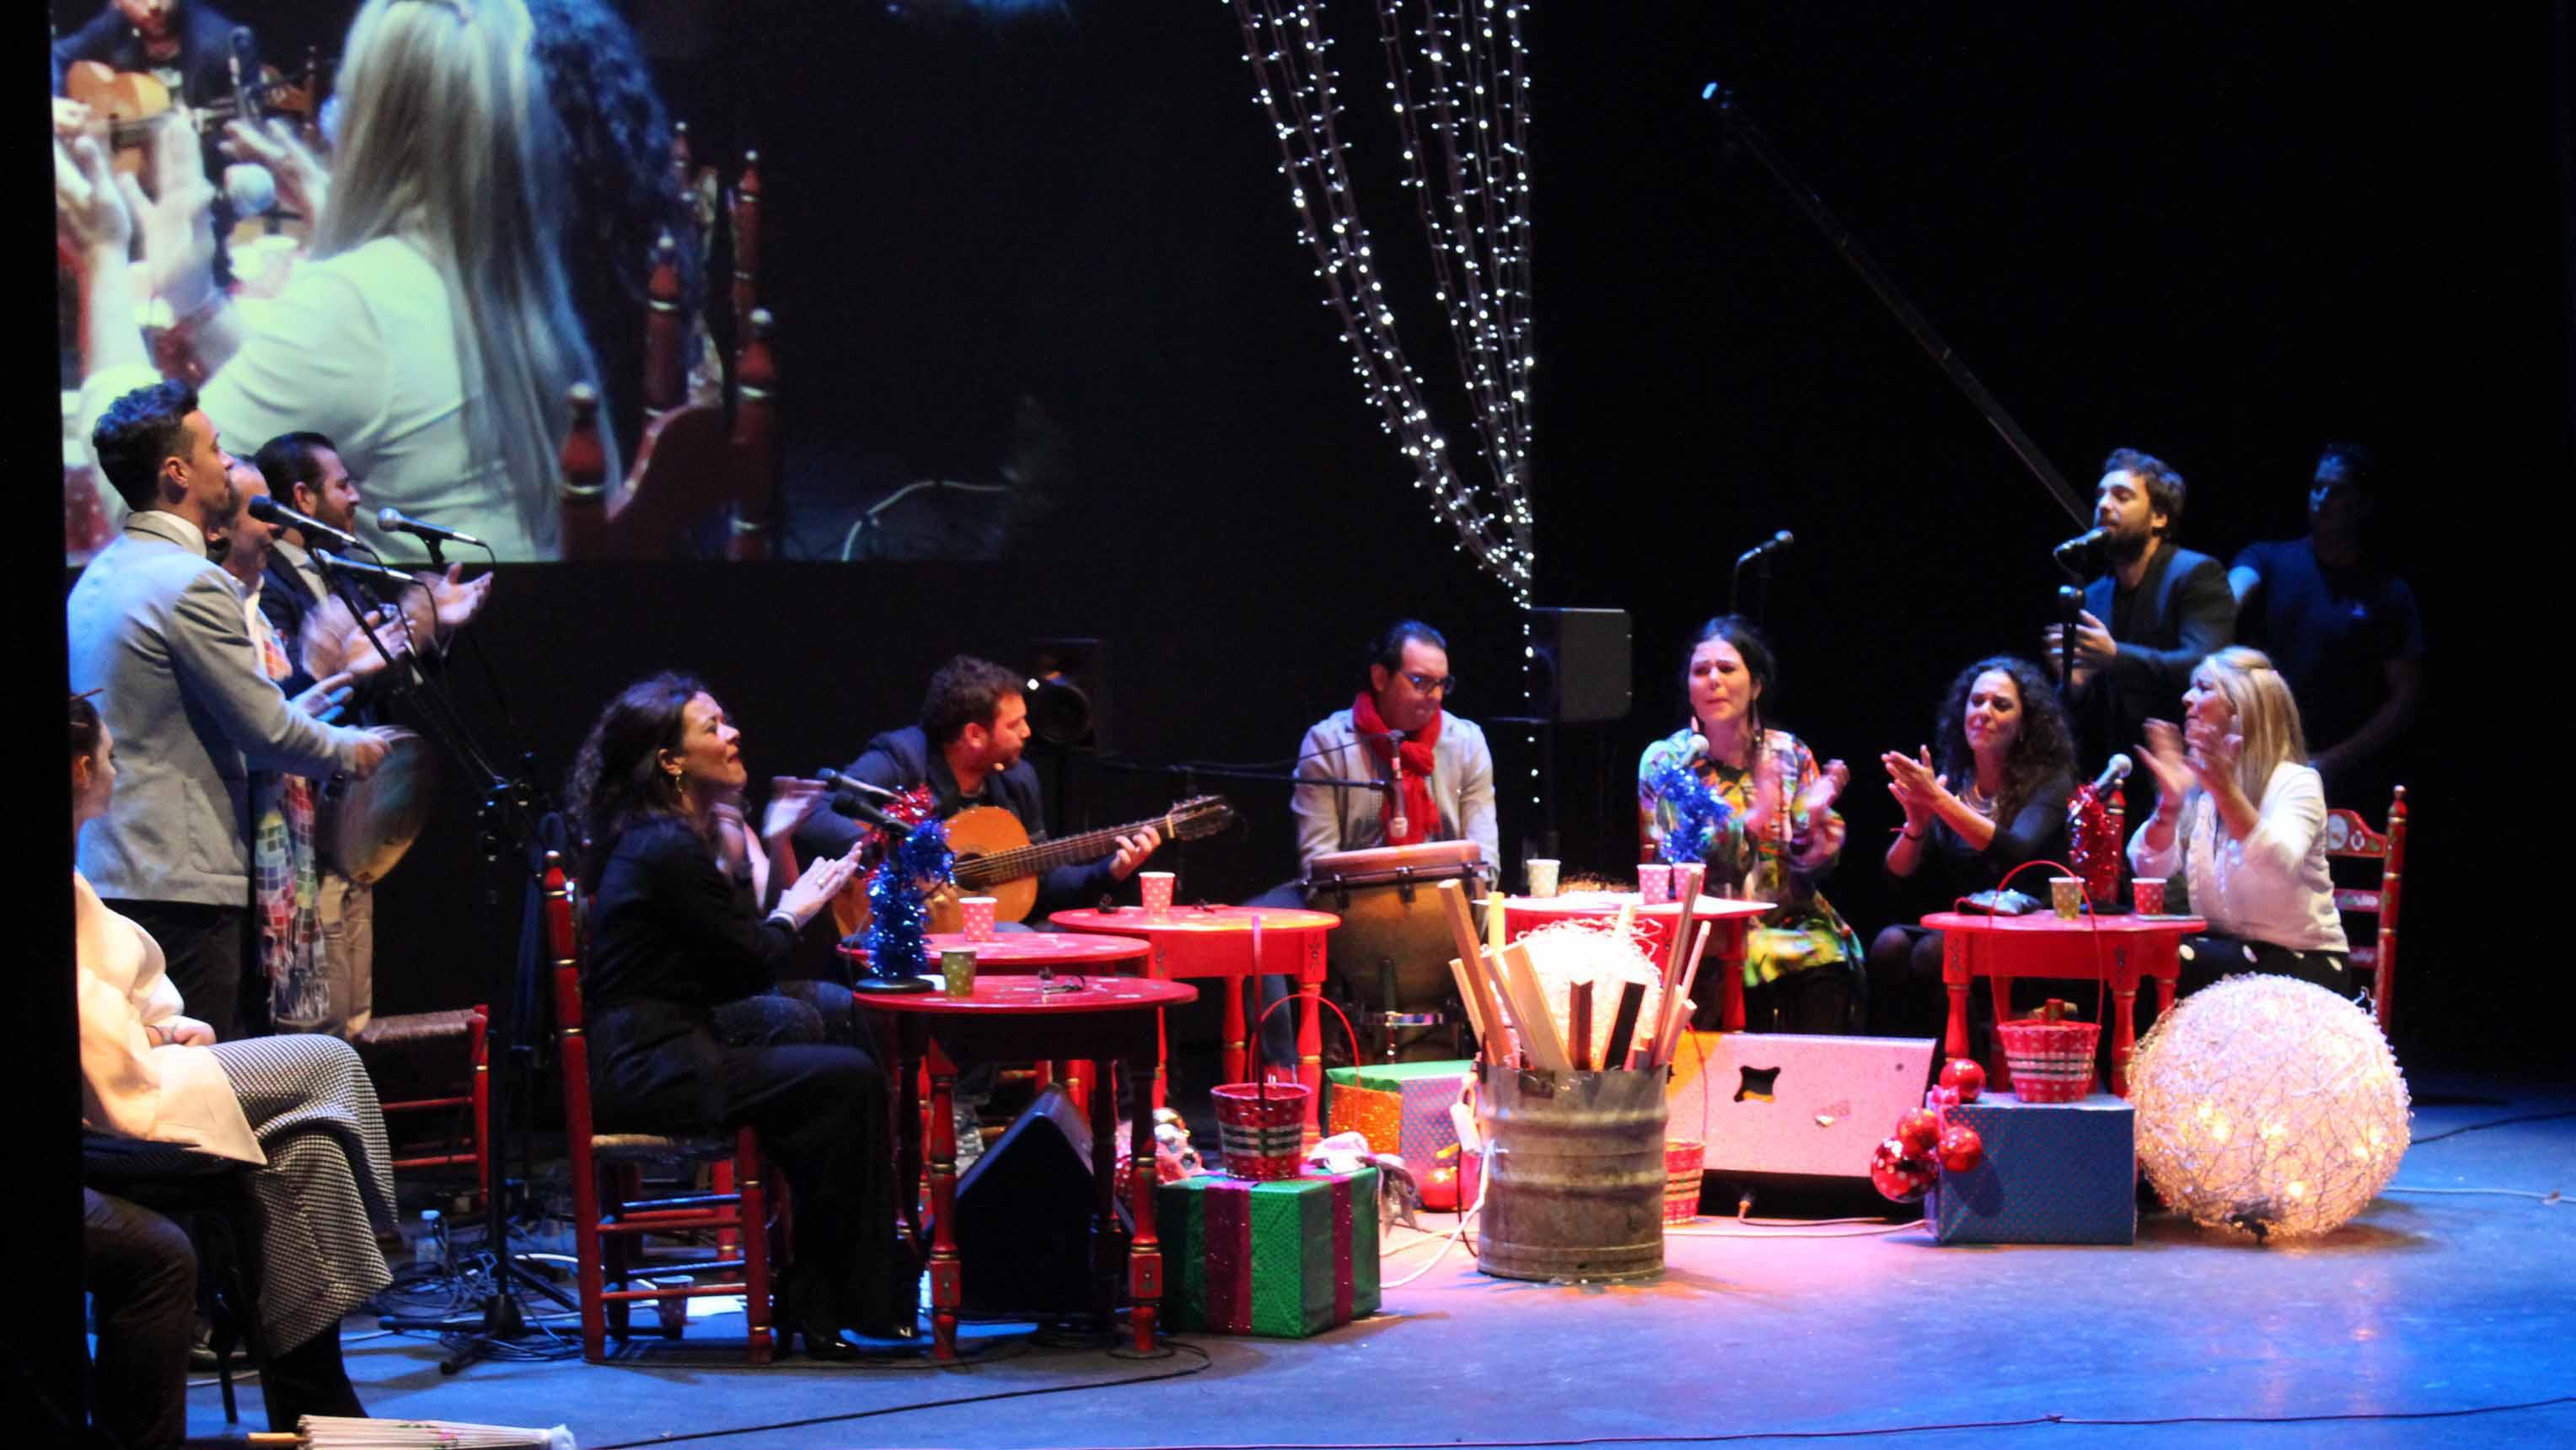 El coro está formado por un nutrido grupo de artistas y amigos utreranos